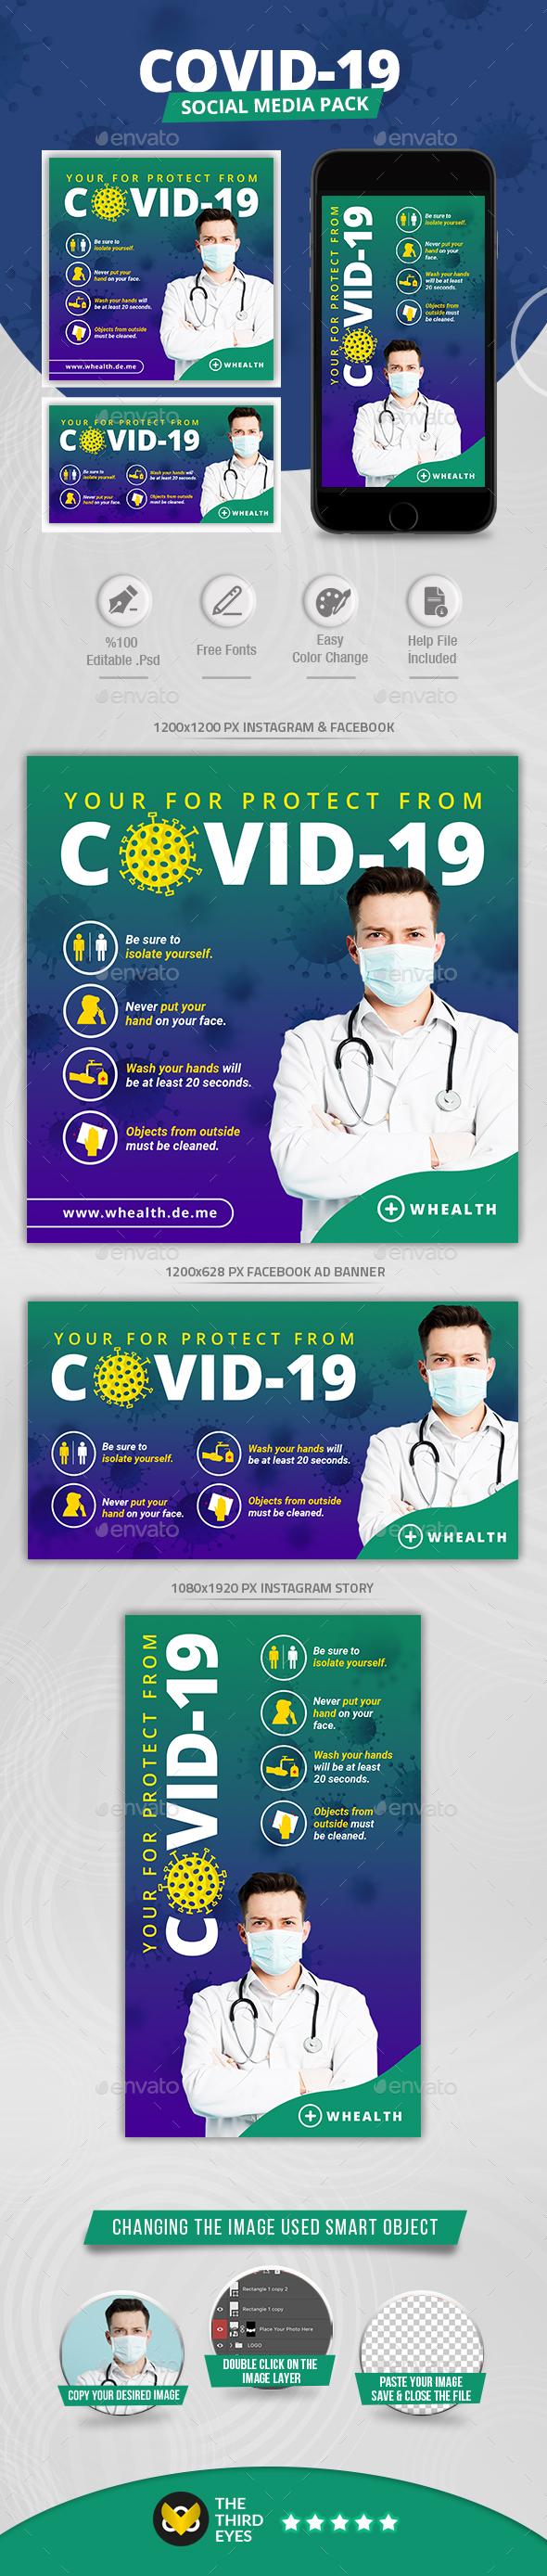 Covid-19 Social Media Pack